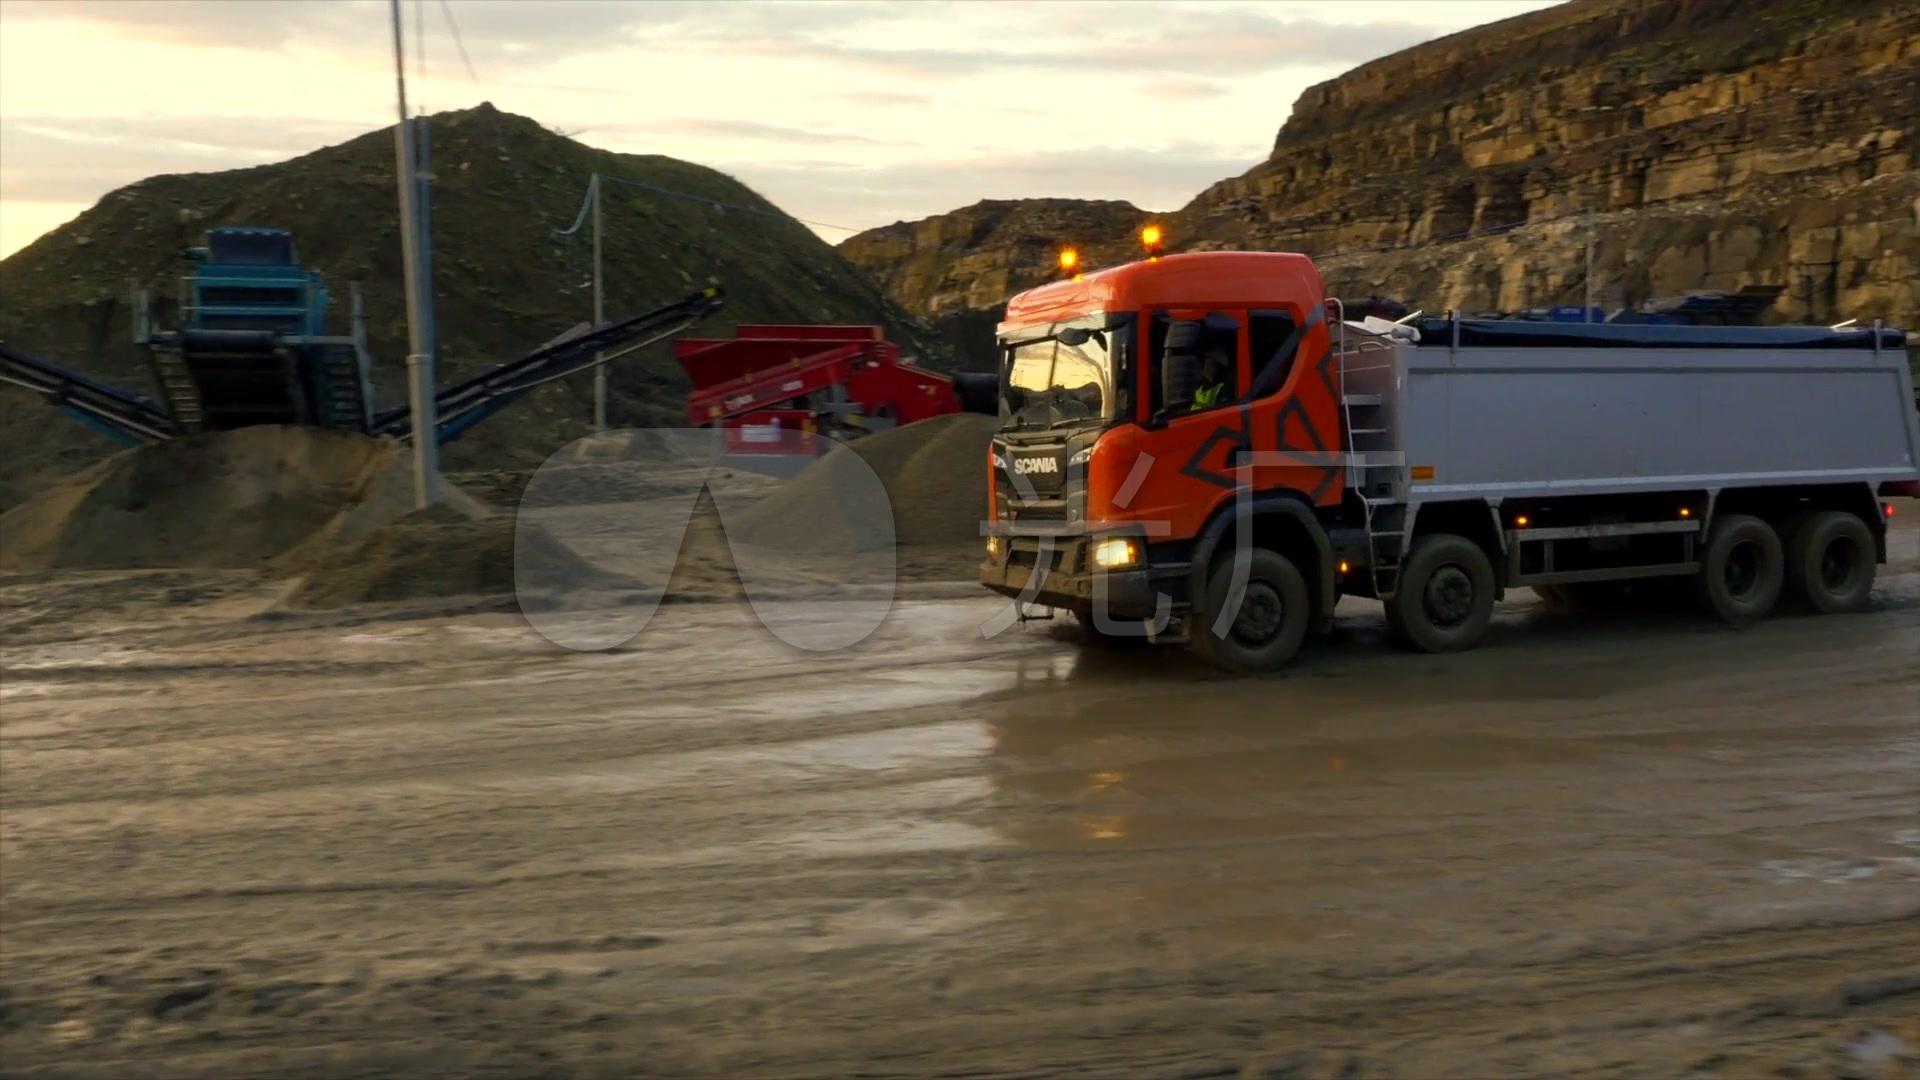 视频现场装土车素材视频_1920X1080_工地视水黄河高清图片